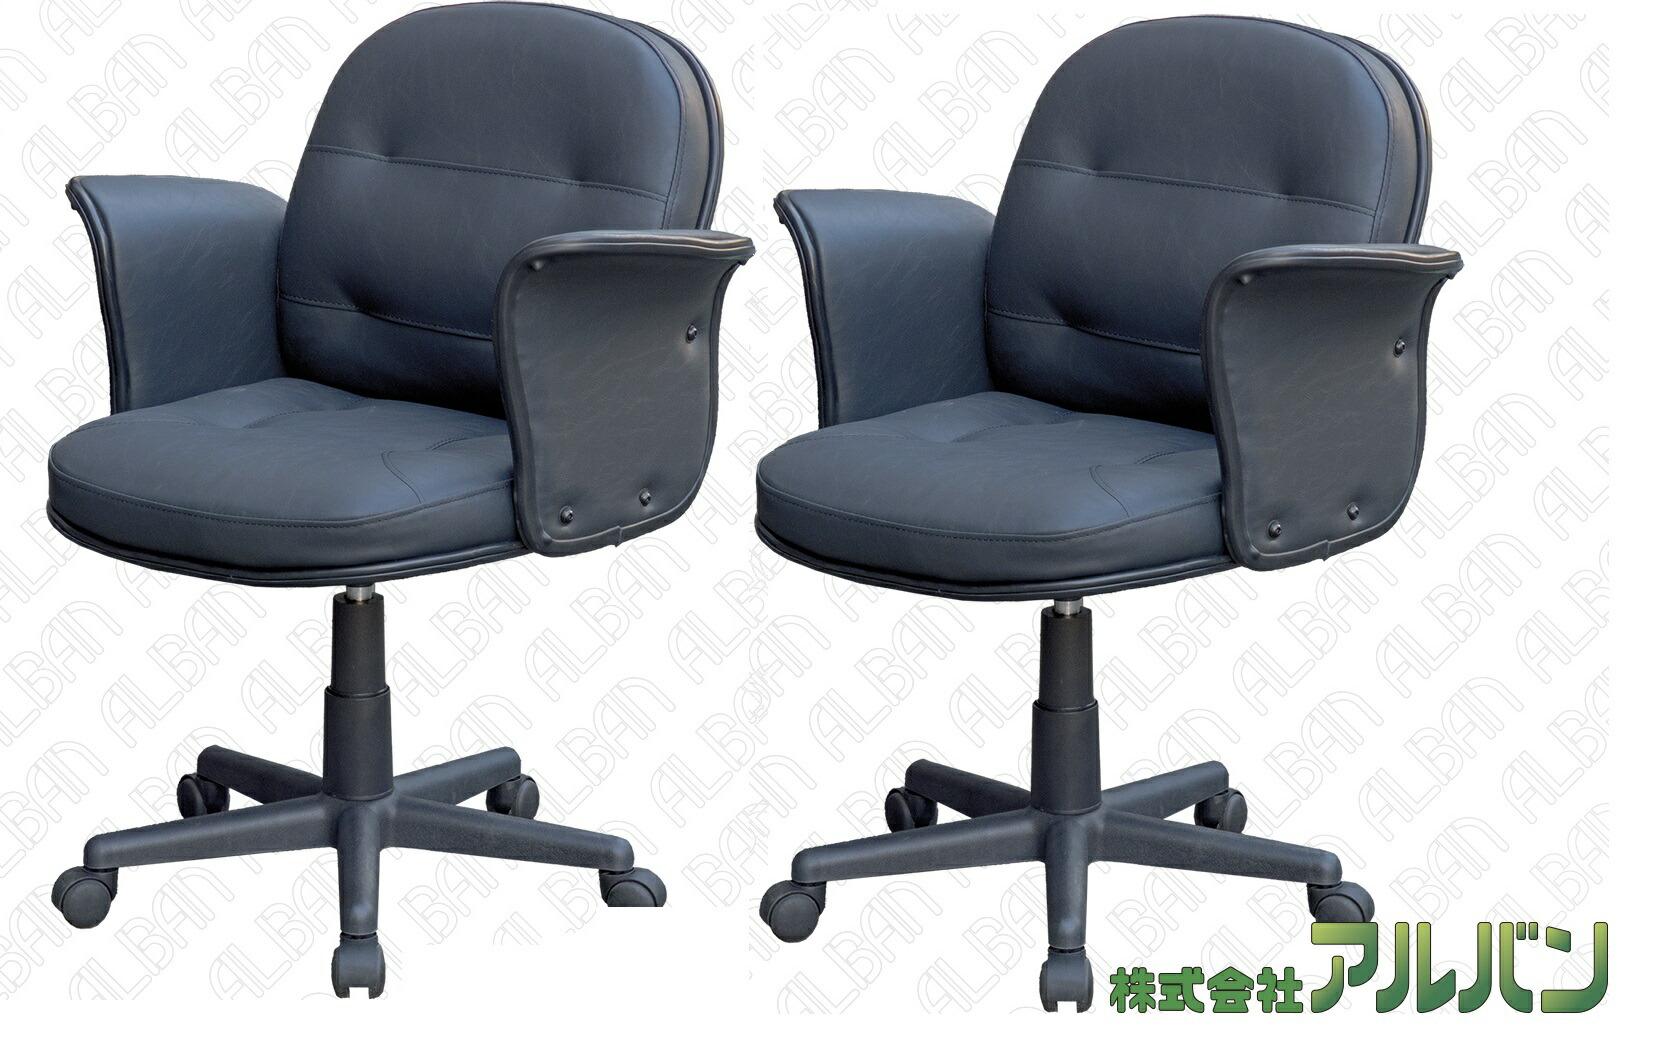 二台セット  麻雀チェアー NEWグランデ 椅子 麻雀椅子